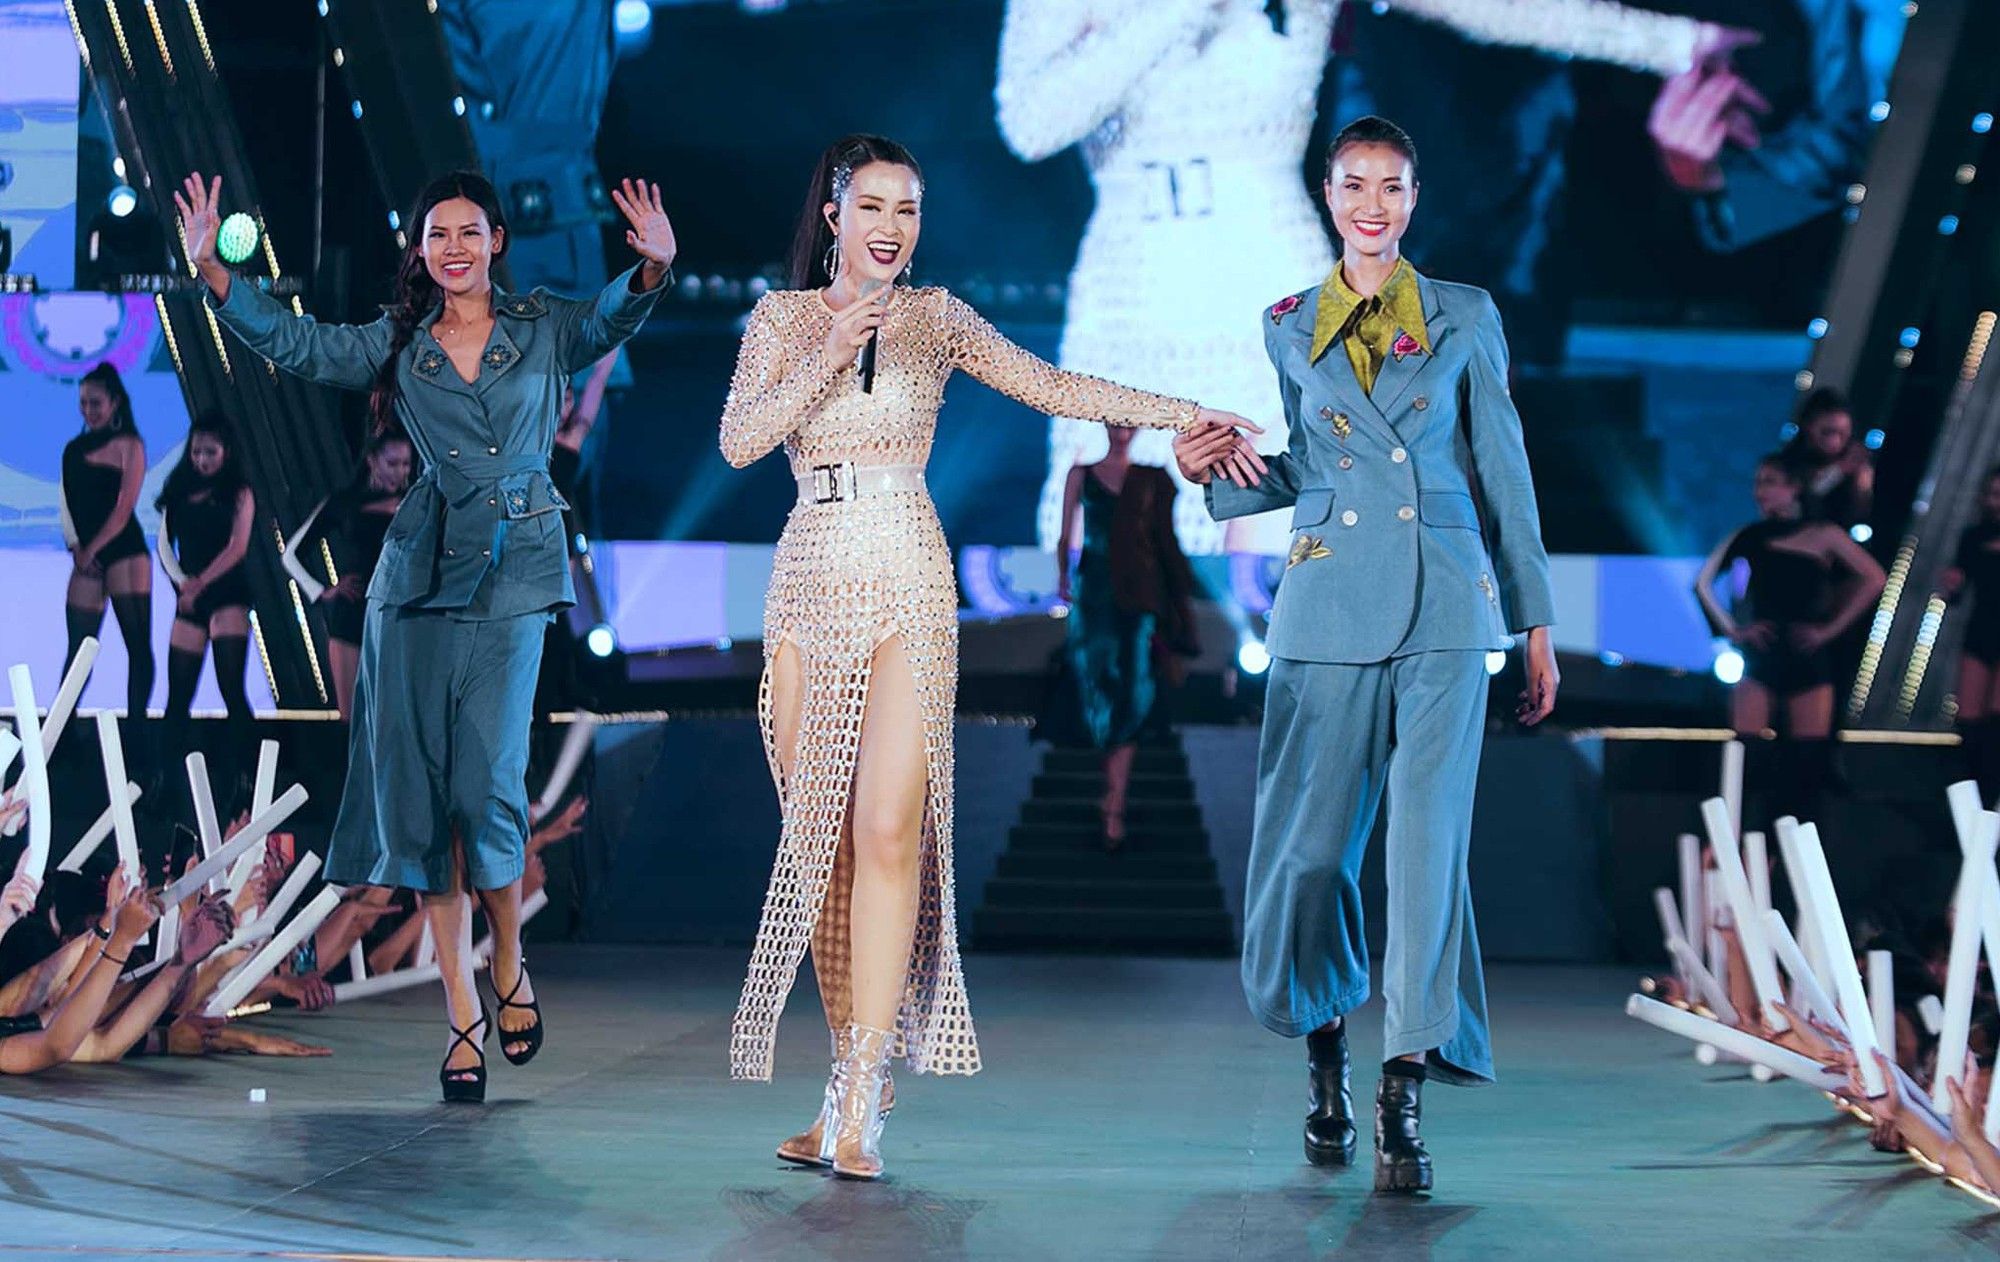 Mỹ Tâm lần đầu remix Đừng hỏi em, Đông Nhi - Noo Phước Thịnh mang loạt hit sôi động lên sân khấu - Ảnh 5.